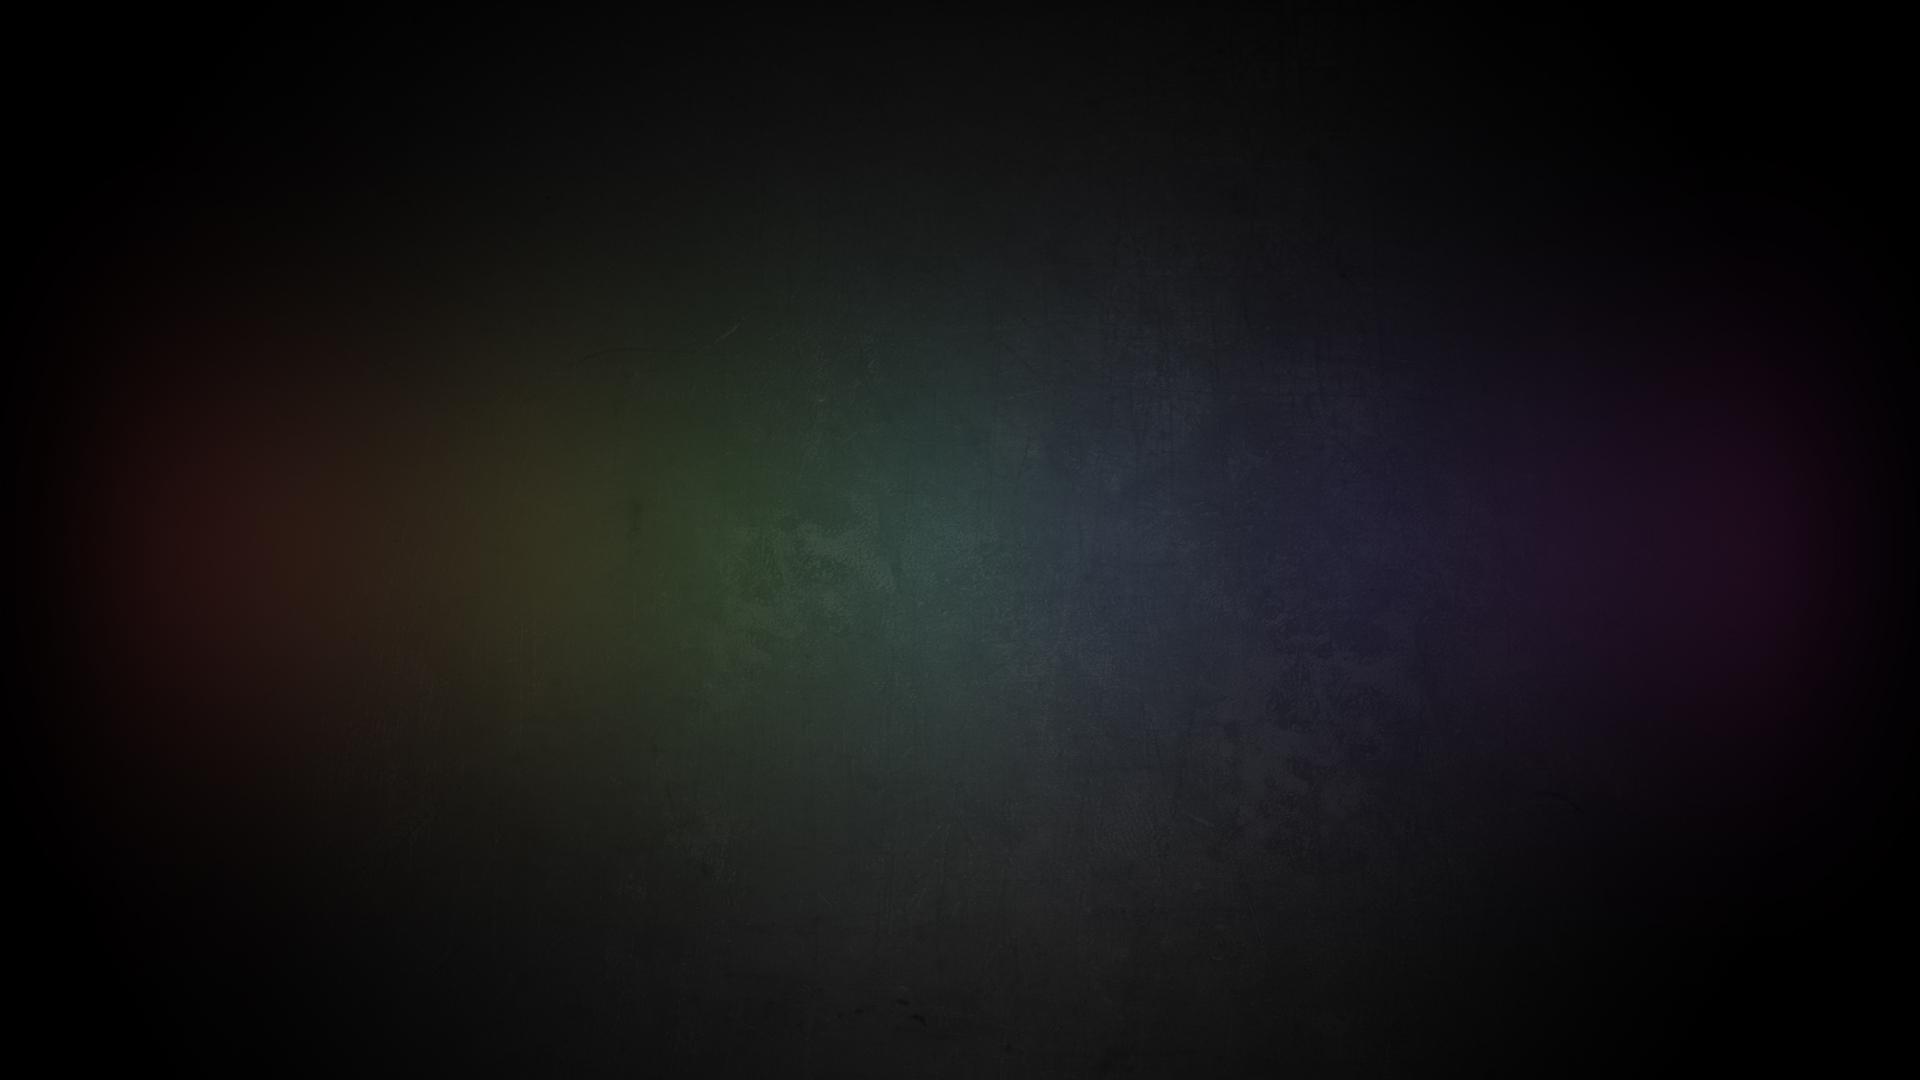 dark background 46615 1920x1080 px hdwallsourcecom